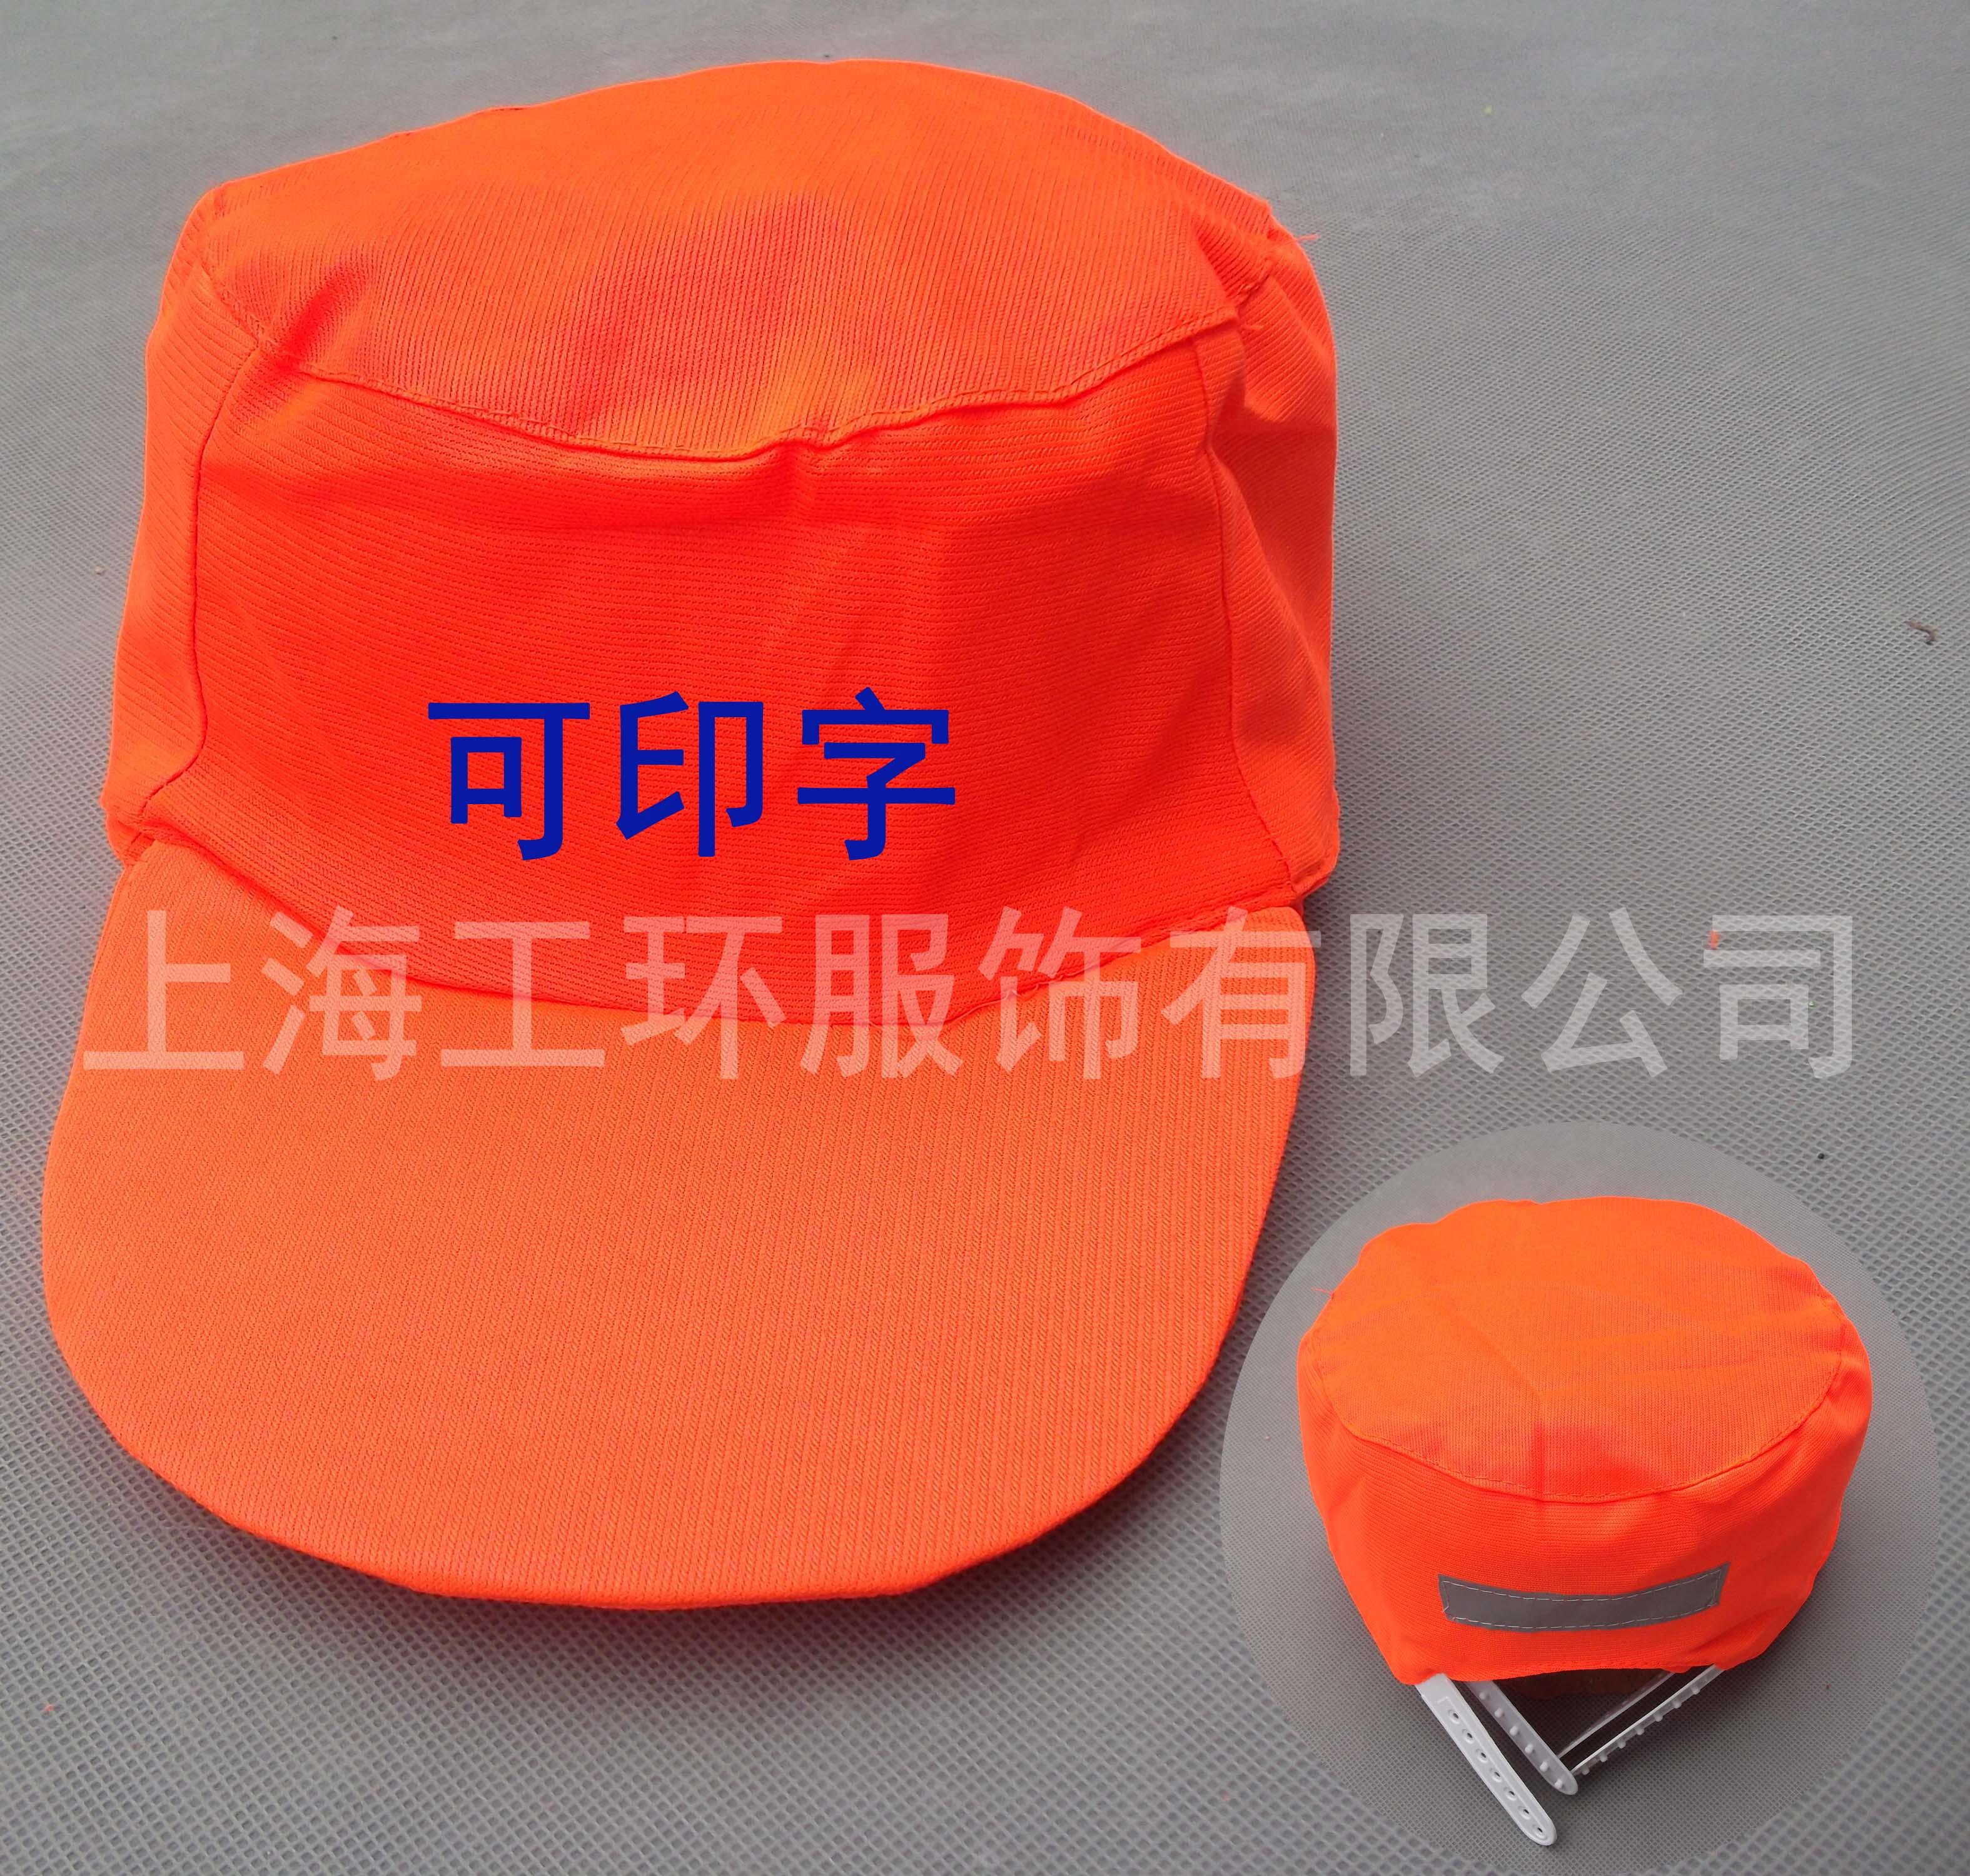 环卫帽子 环卫反光条大檐棉涤园林帽小红帽 安全帽防护劳保工作帽